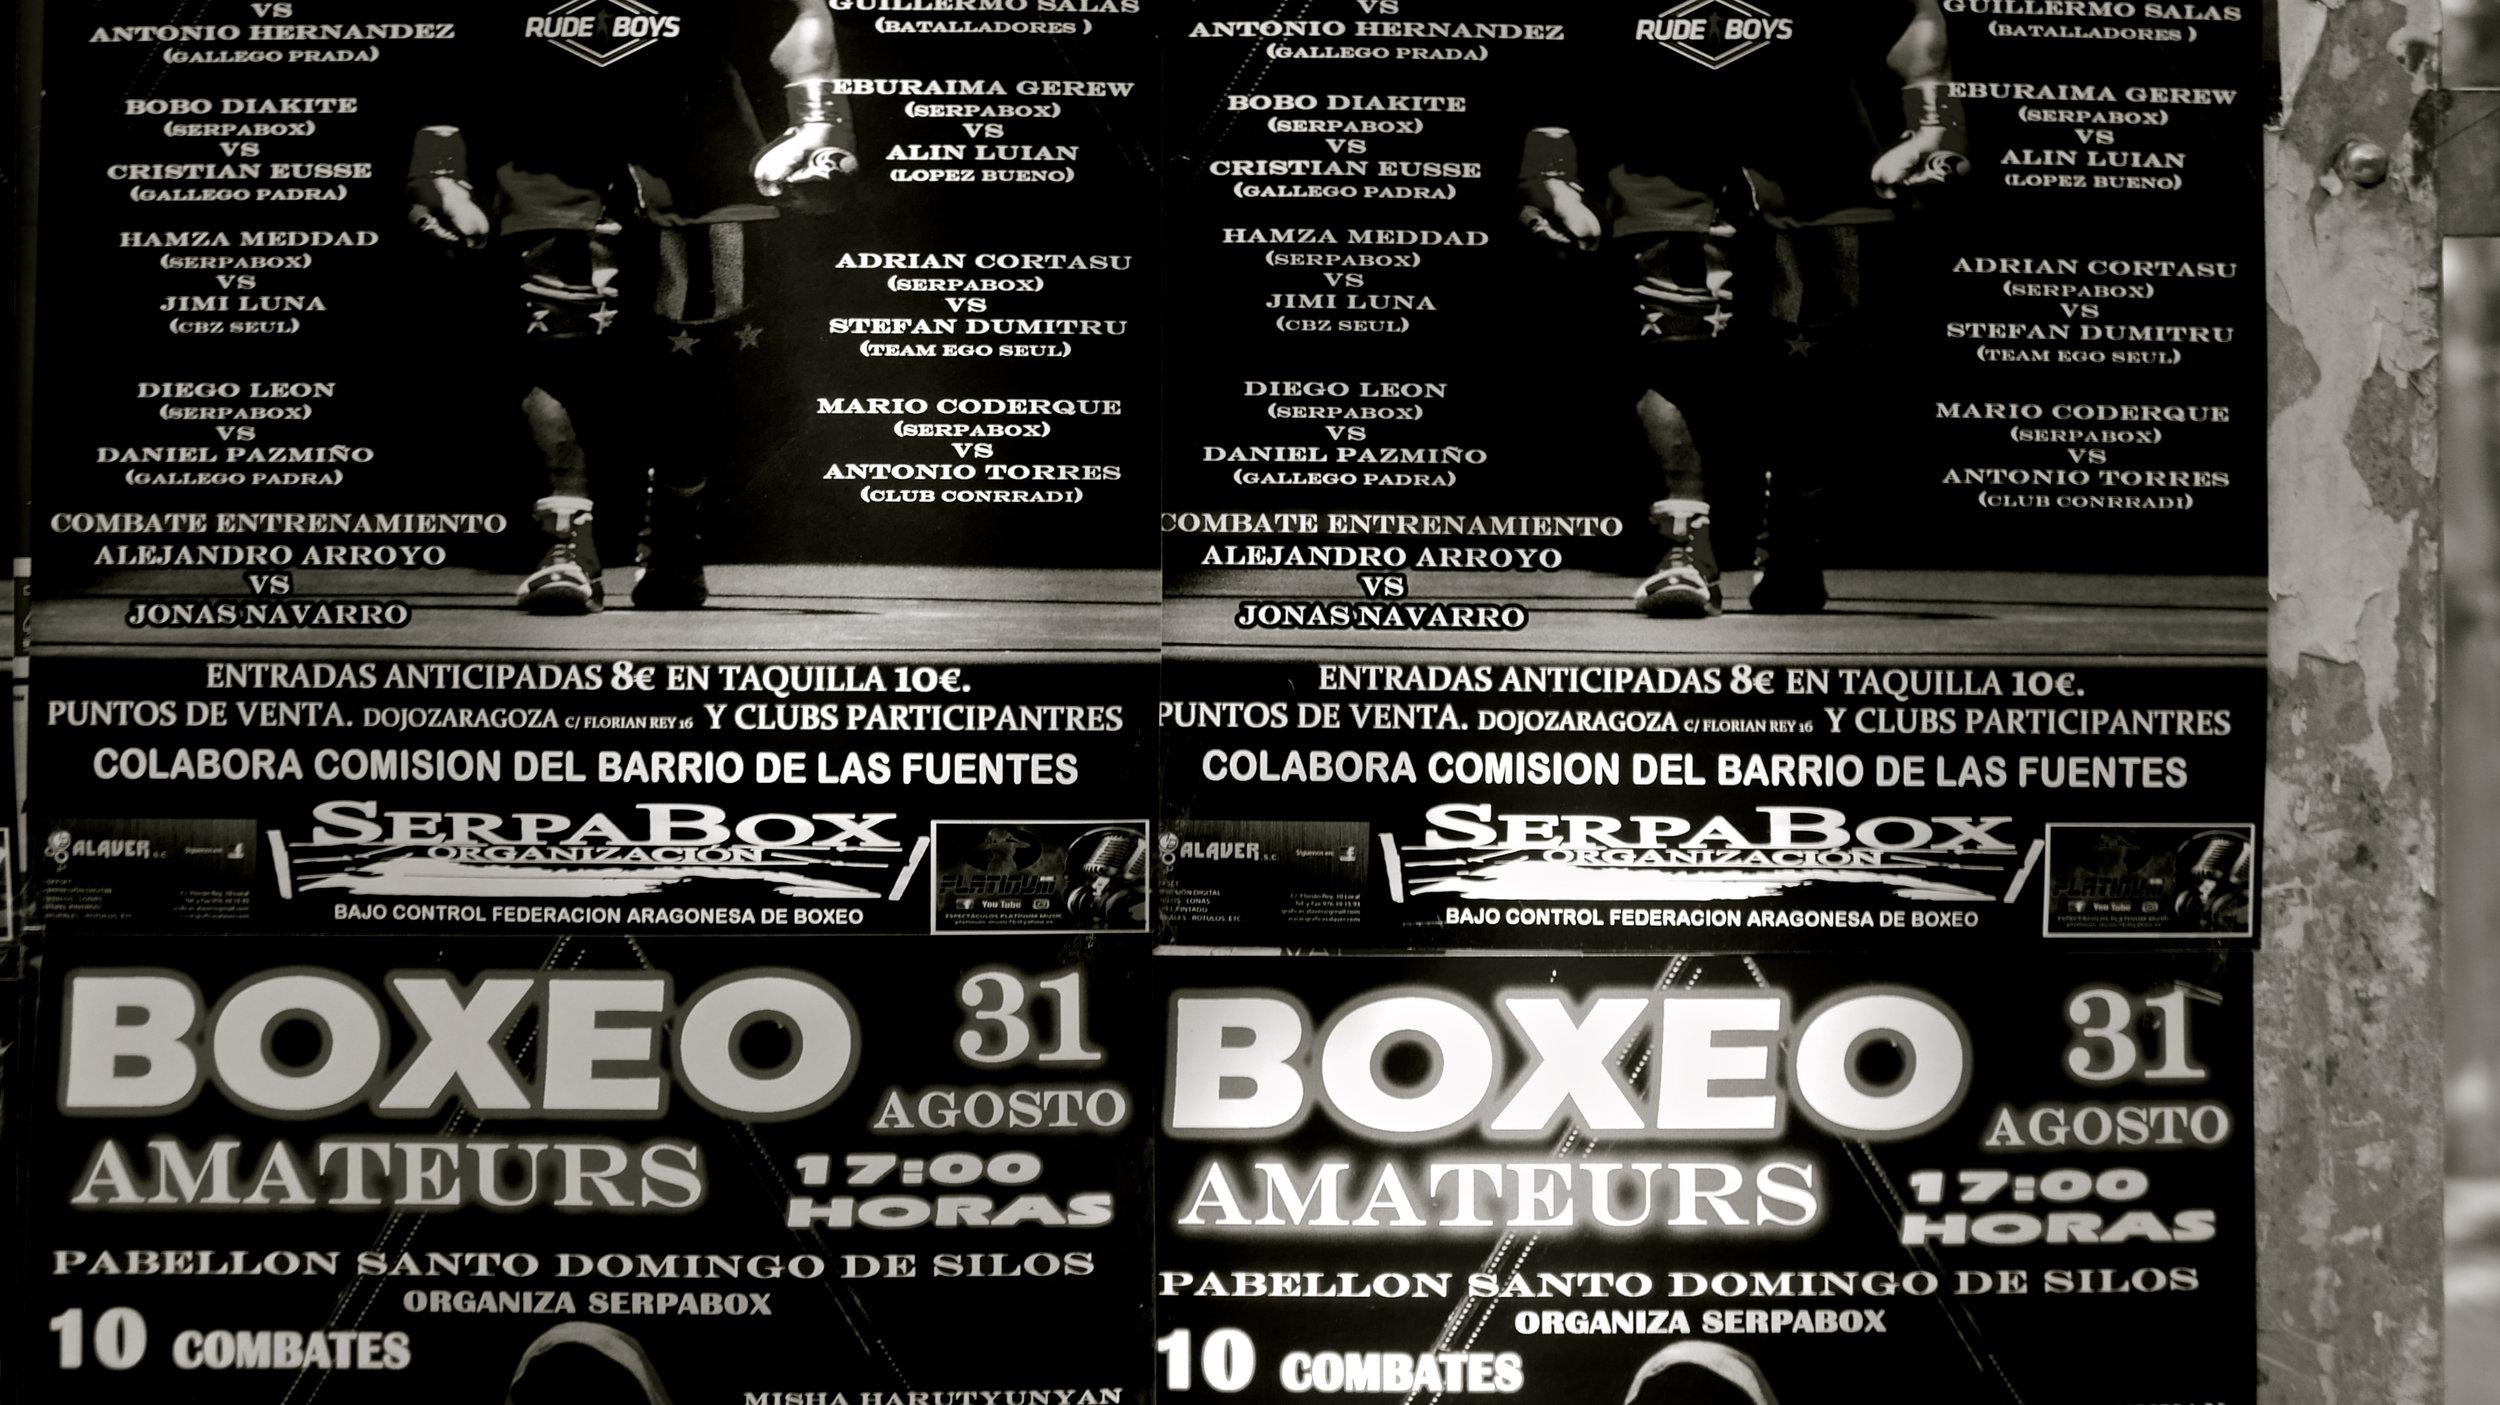 Boxeo Amateurs cartel